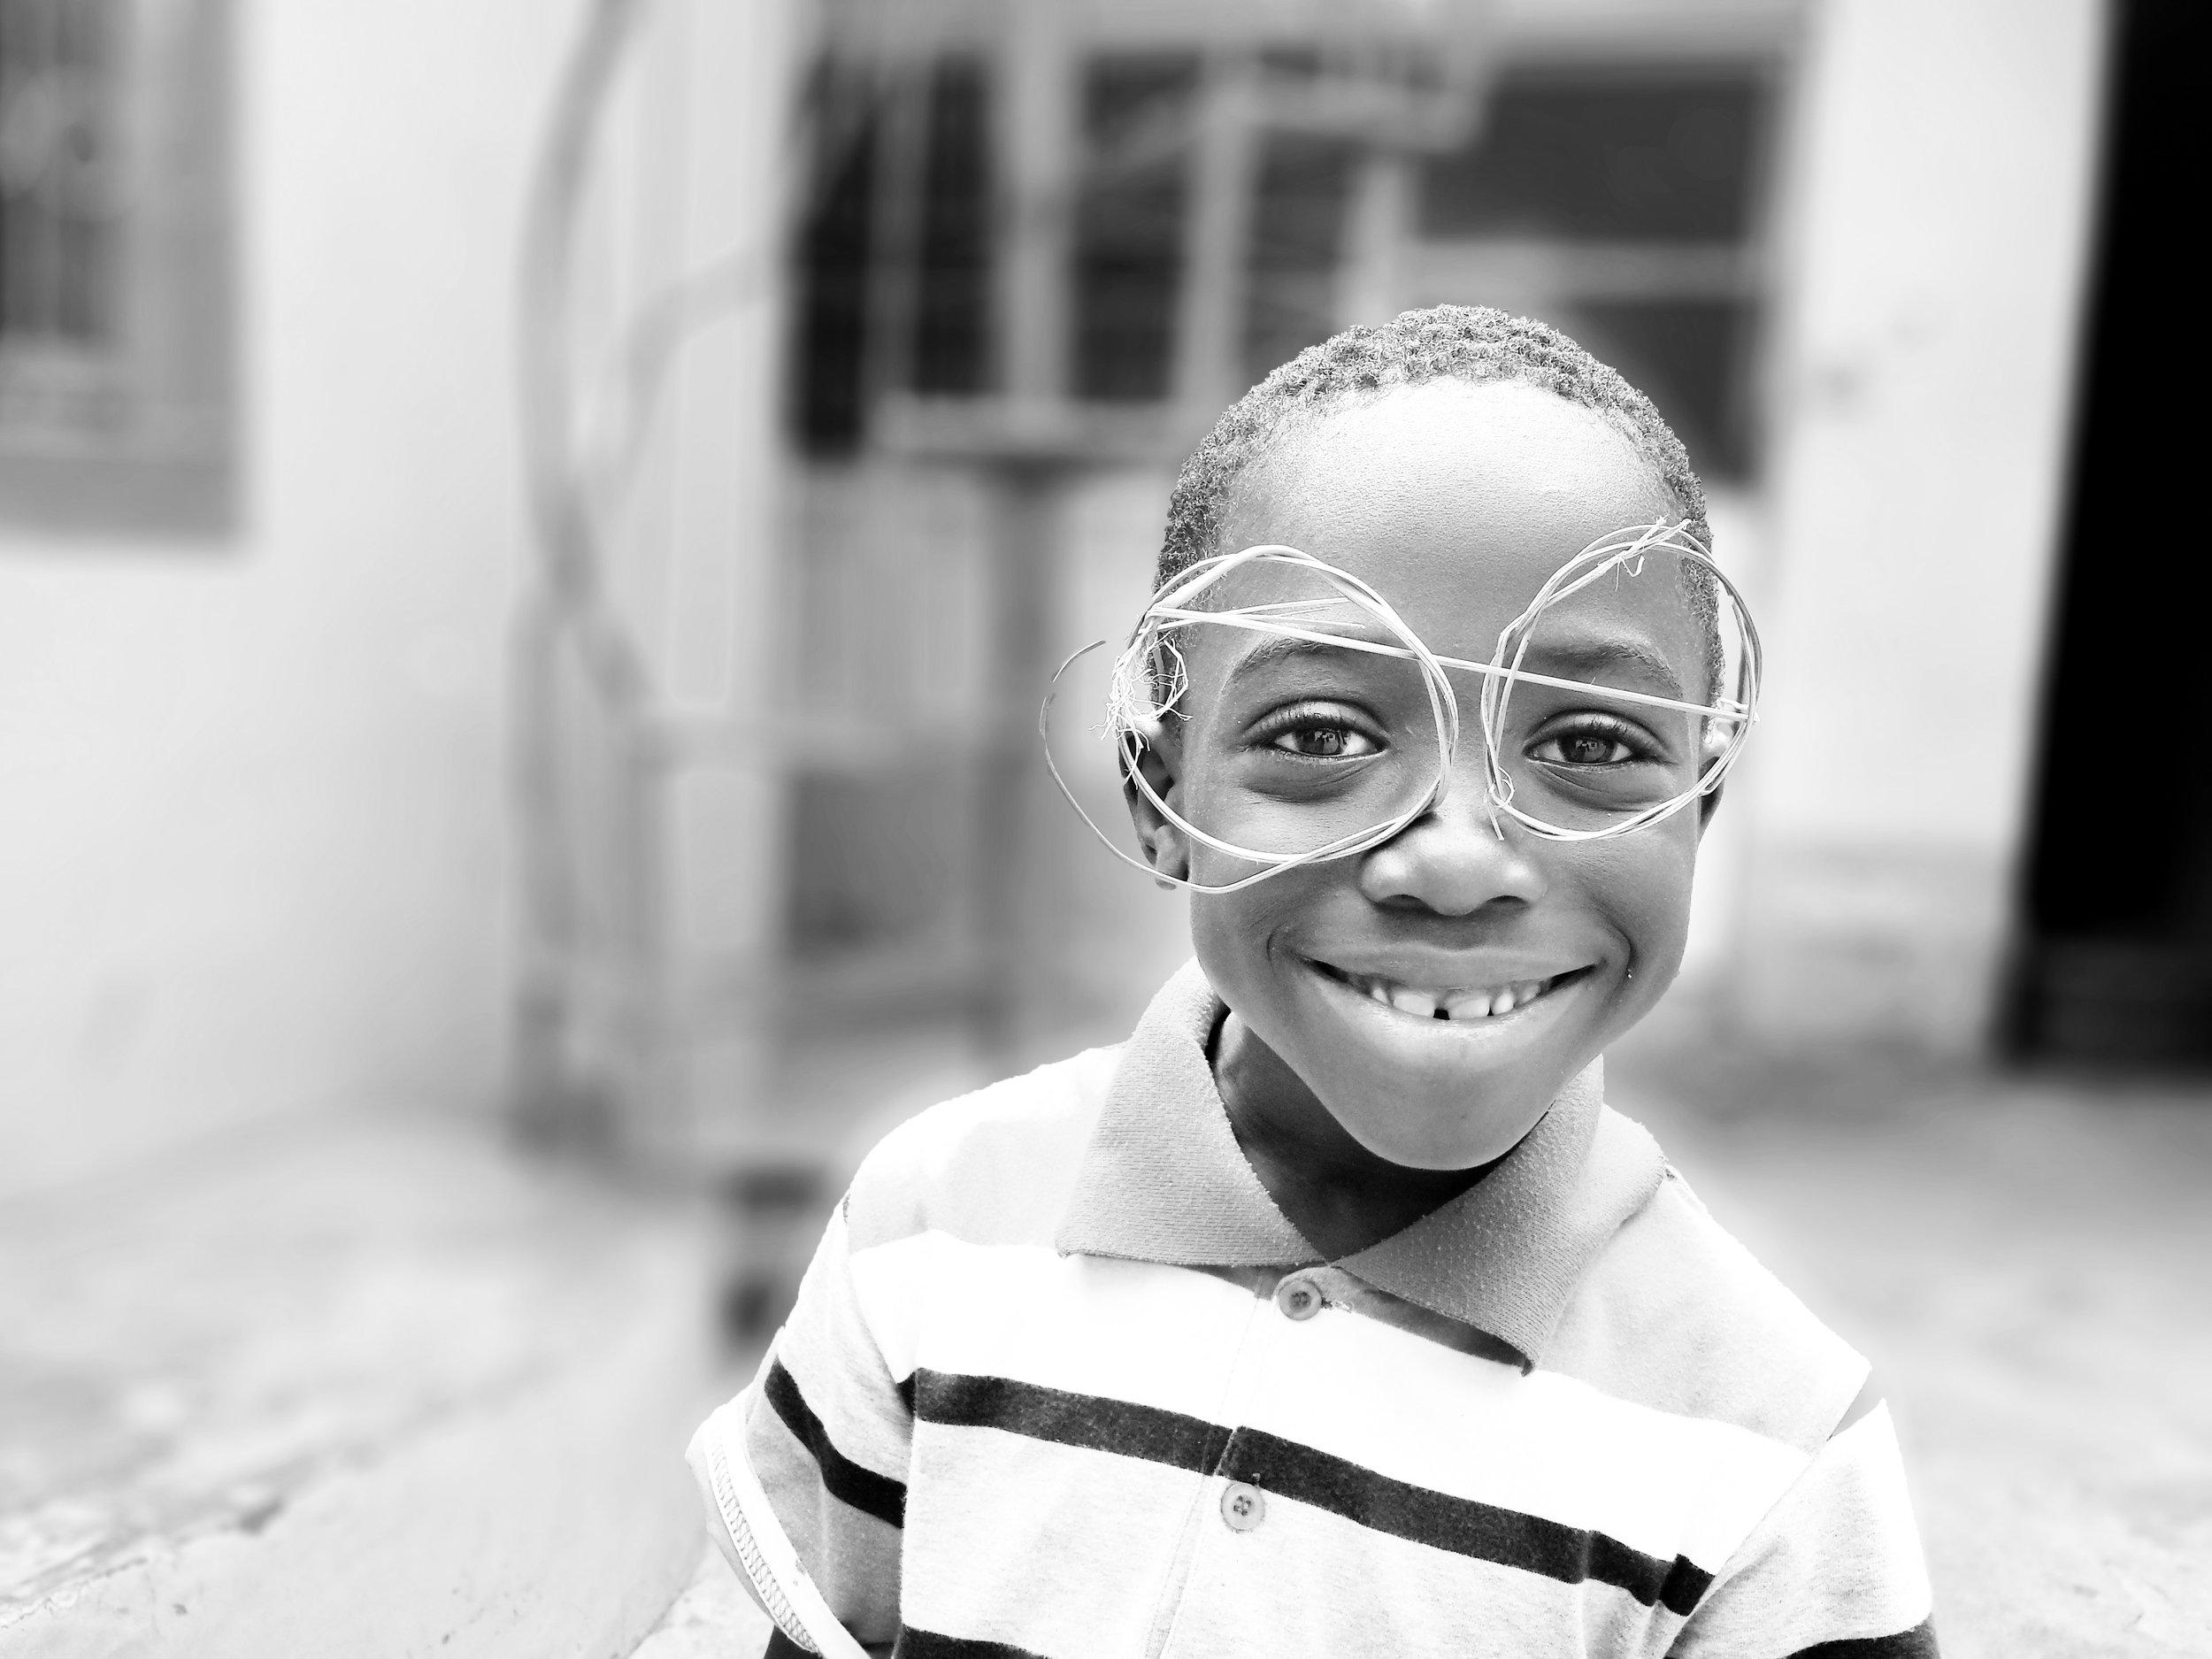 Fundación Fundesesaro République Dominicaine - Une fondation pour la formation, la préparation et l'éducation des enfants et des jeunes les plus défavorisés de la vile de Santiago Rodriguez. Le but est de les osrtir du cercle vicieux de la pauvreté p ;our qu'ils puissent avancer dans la vie avec dignité et leur permettre avec l'achat d'ordinateurs et de tablettes, l'accès aux technologies d'information et de communication actuelles.